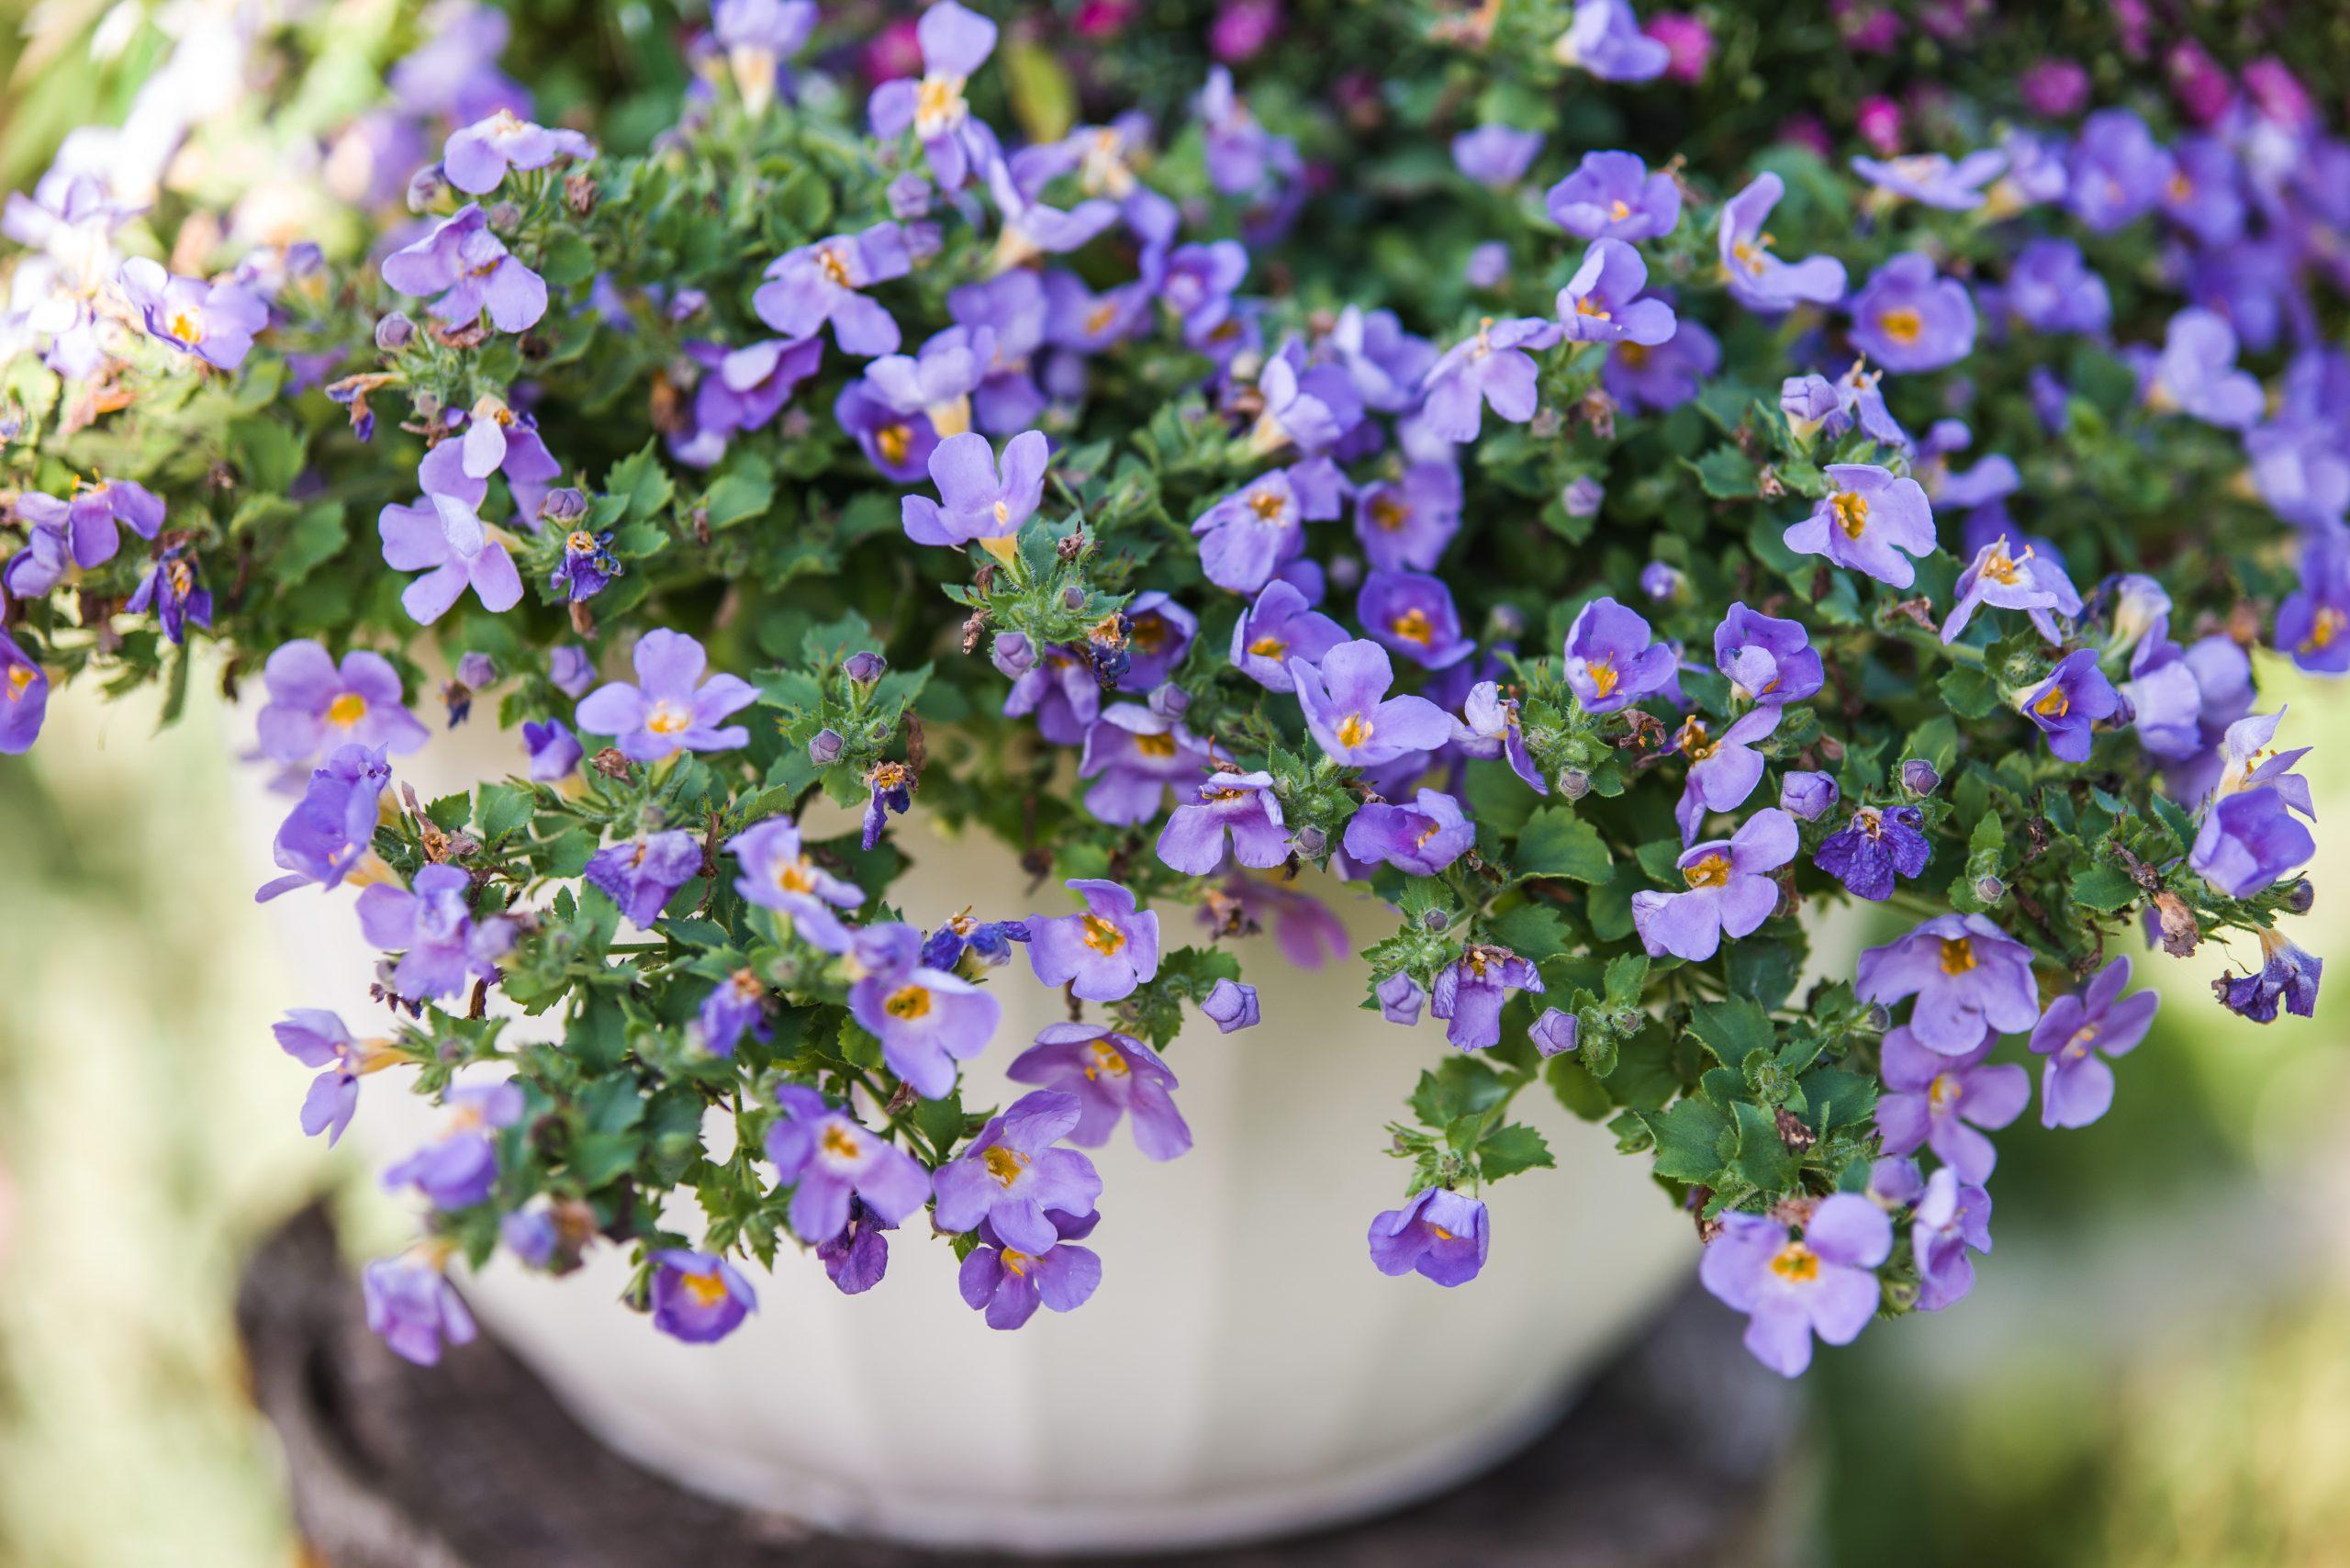 Bakopa, biljka, cveće, cvet